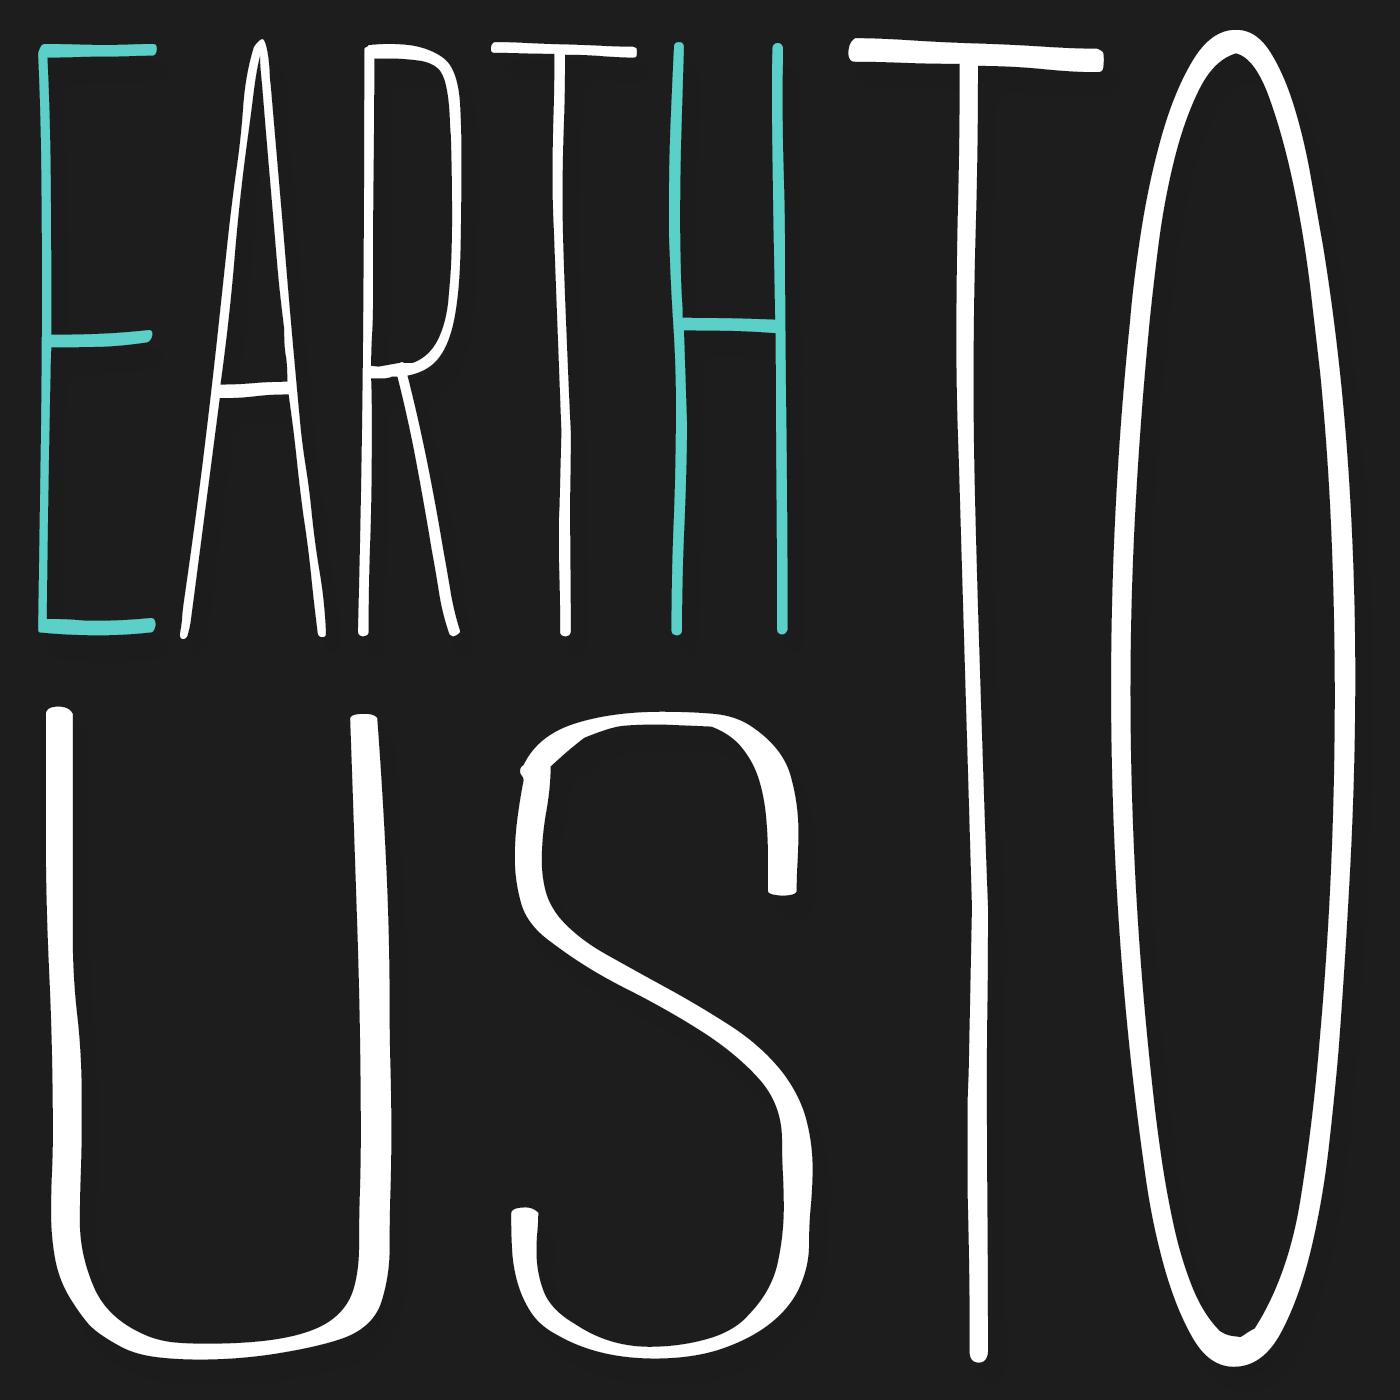 ETU - Earth To Us